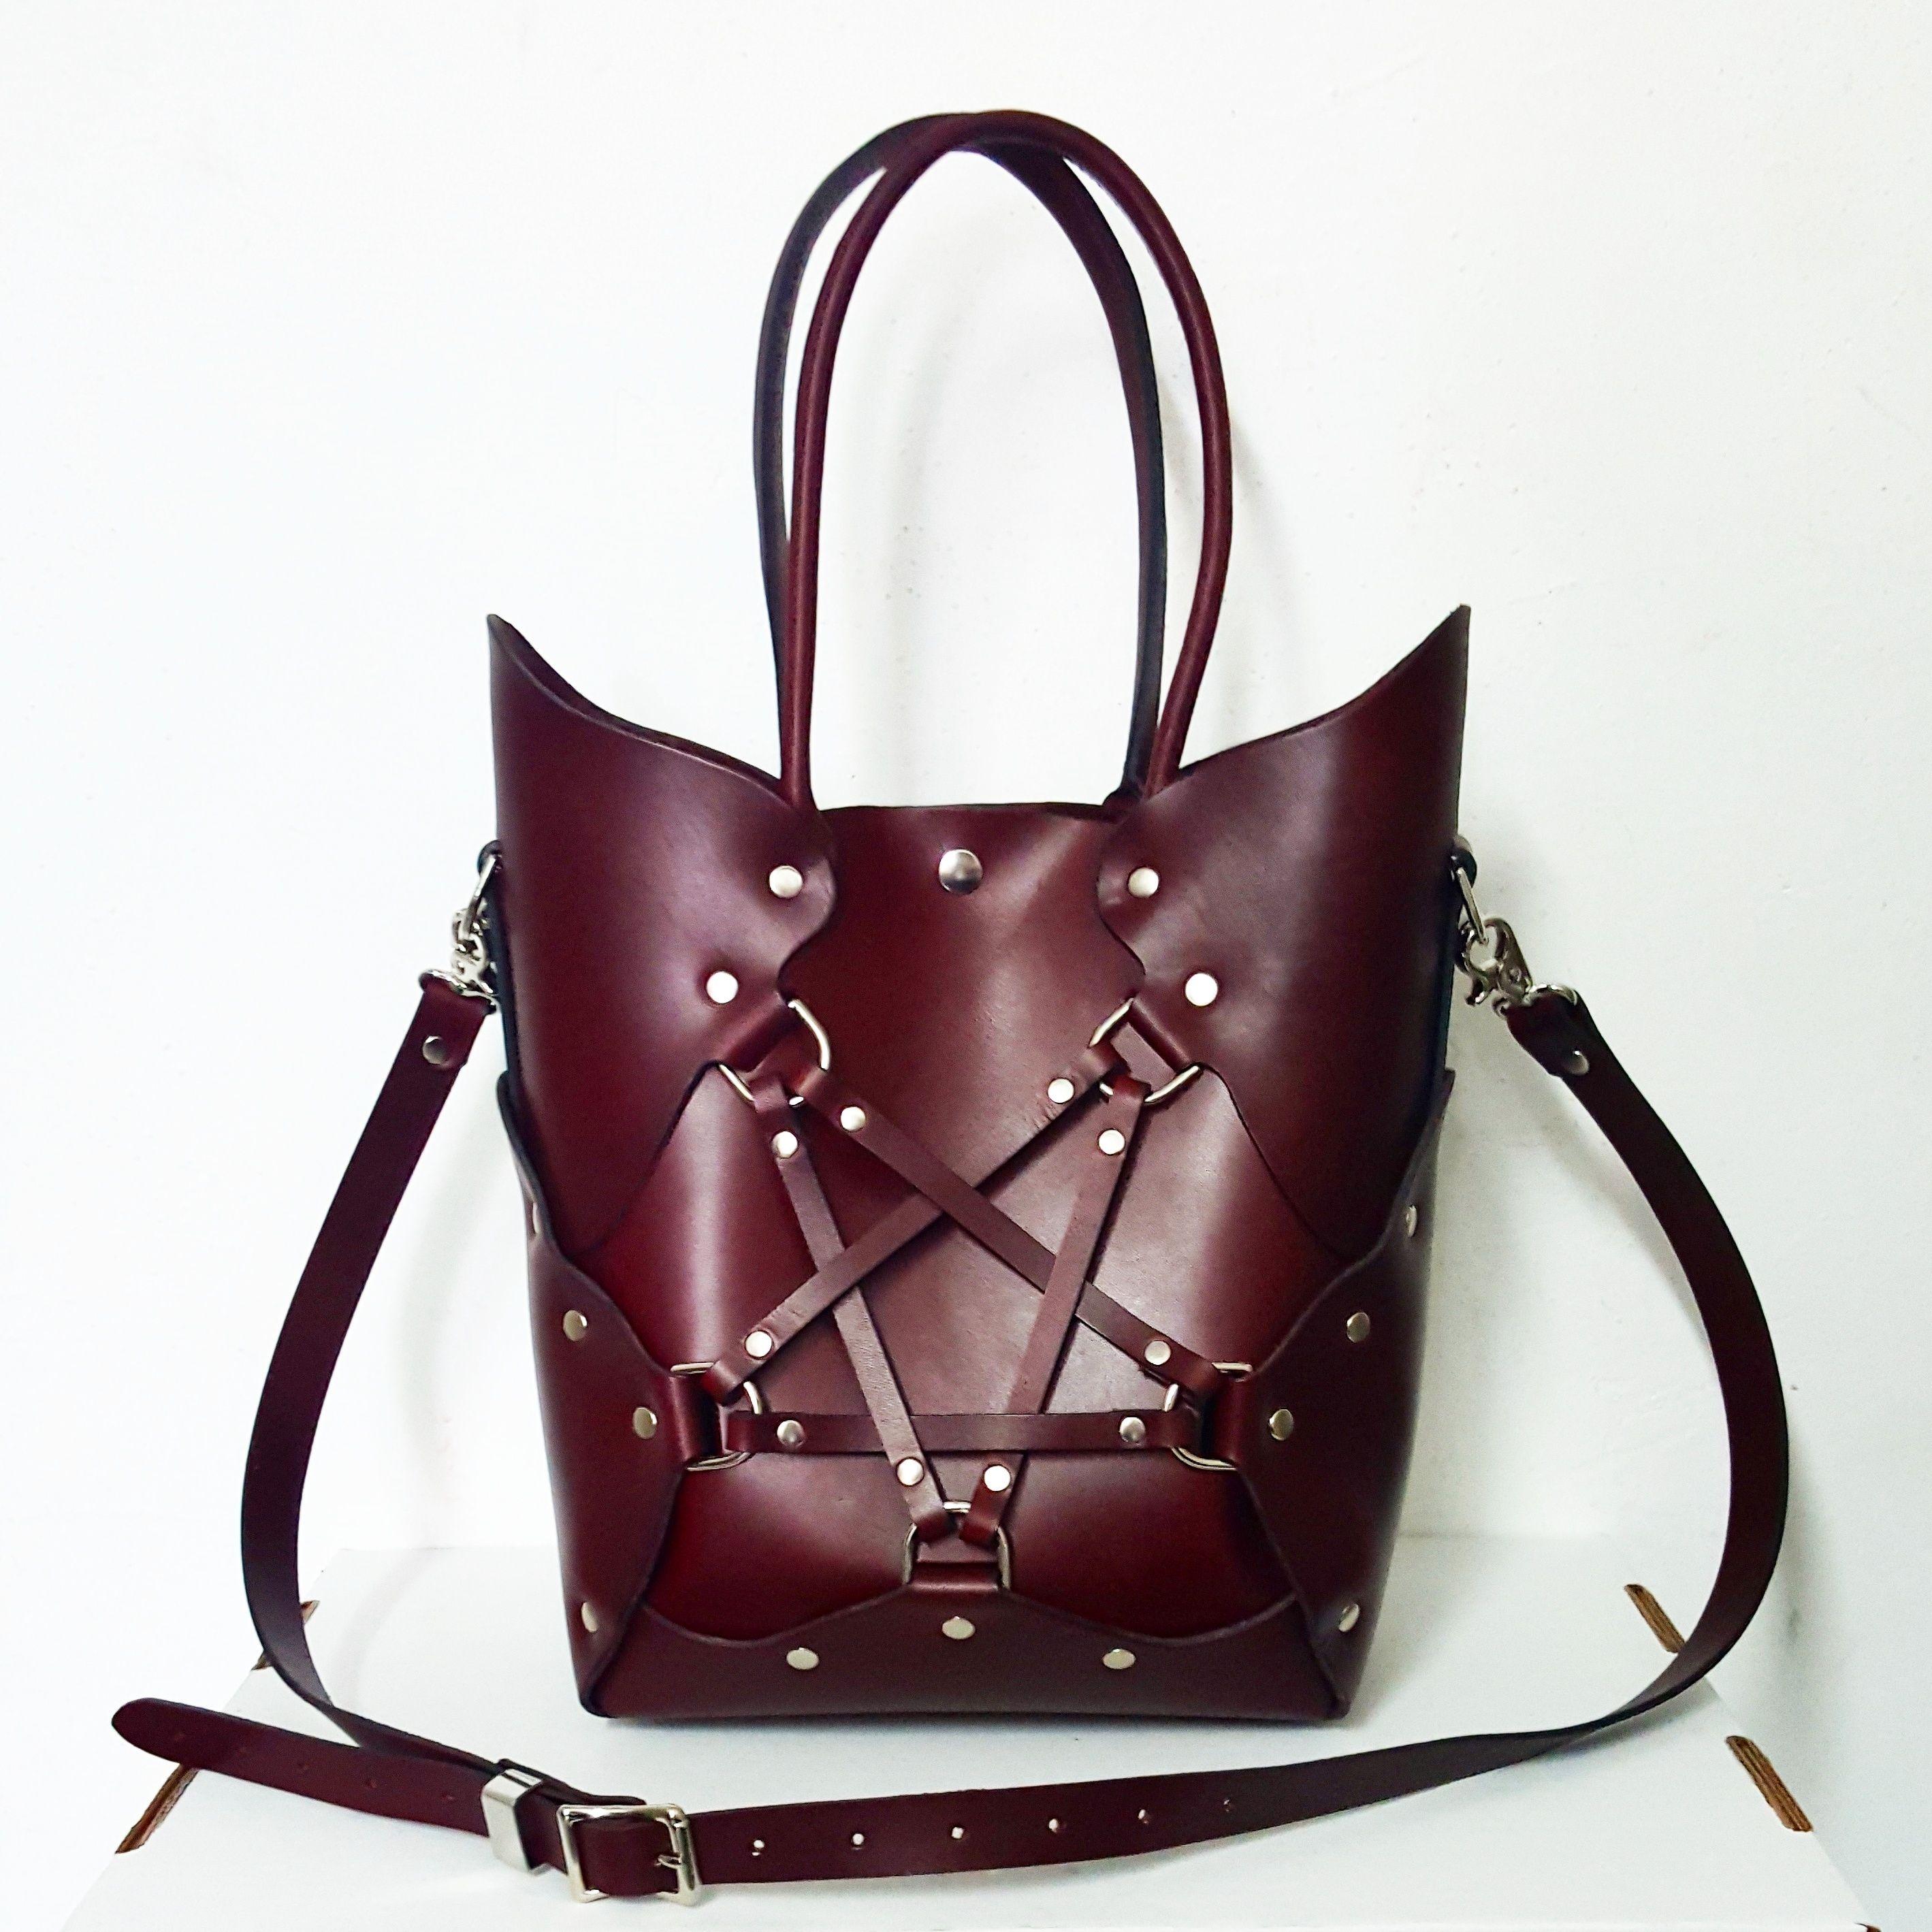 The Zana Bayne Pentagram Bag In Oxblood Leather